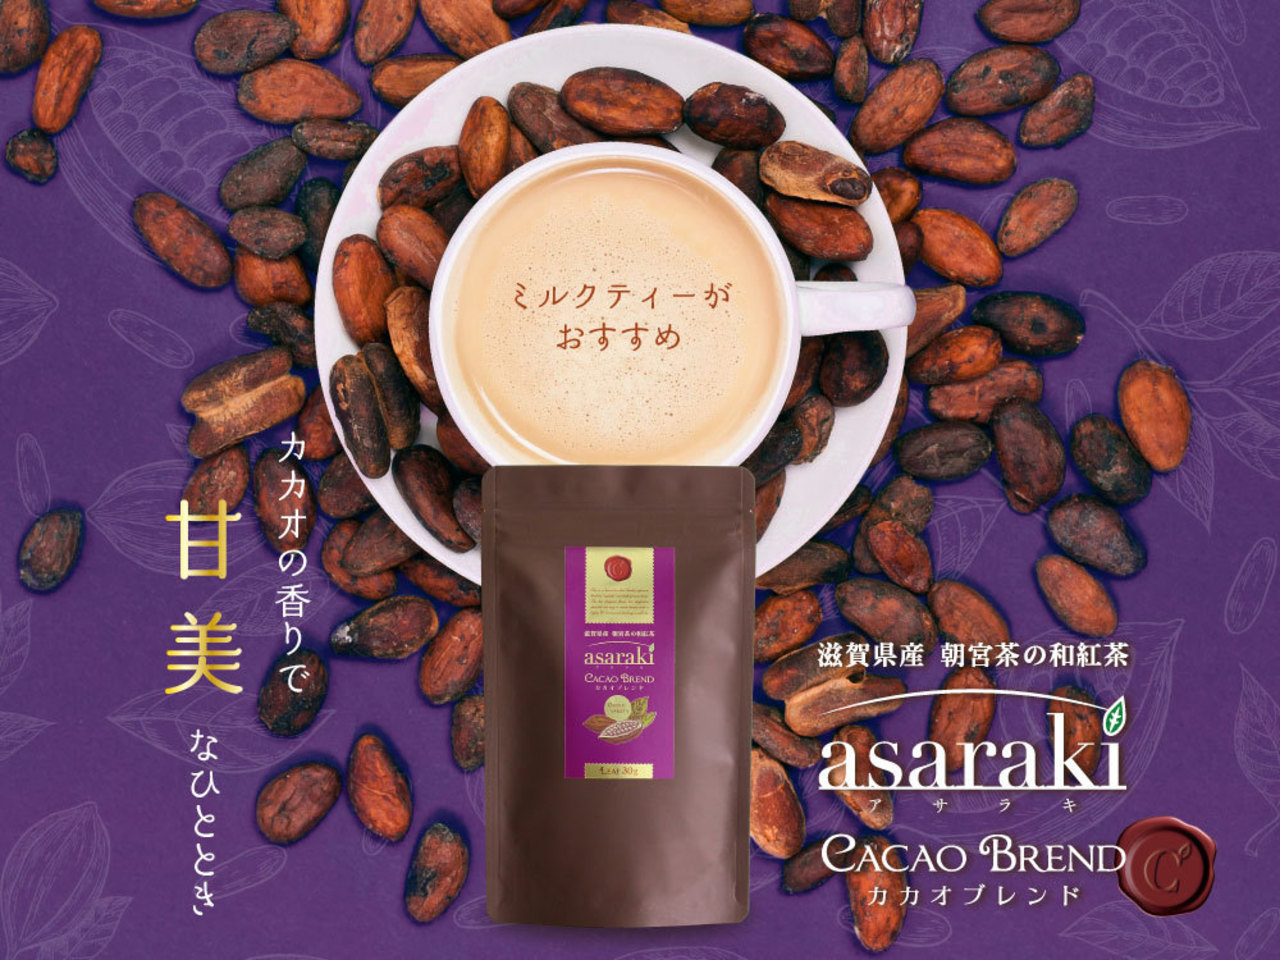 滋賀県和紅茶asaraki【カカオブレンド】新発売!